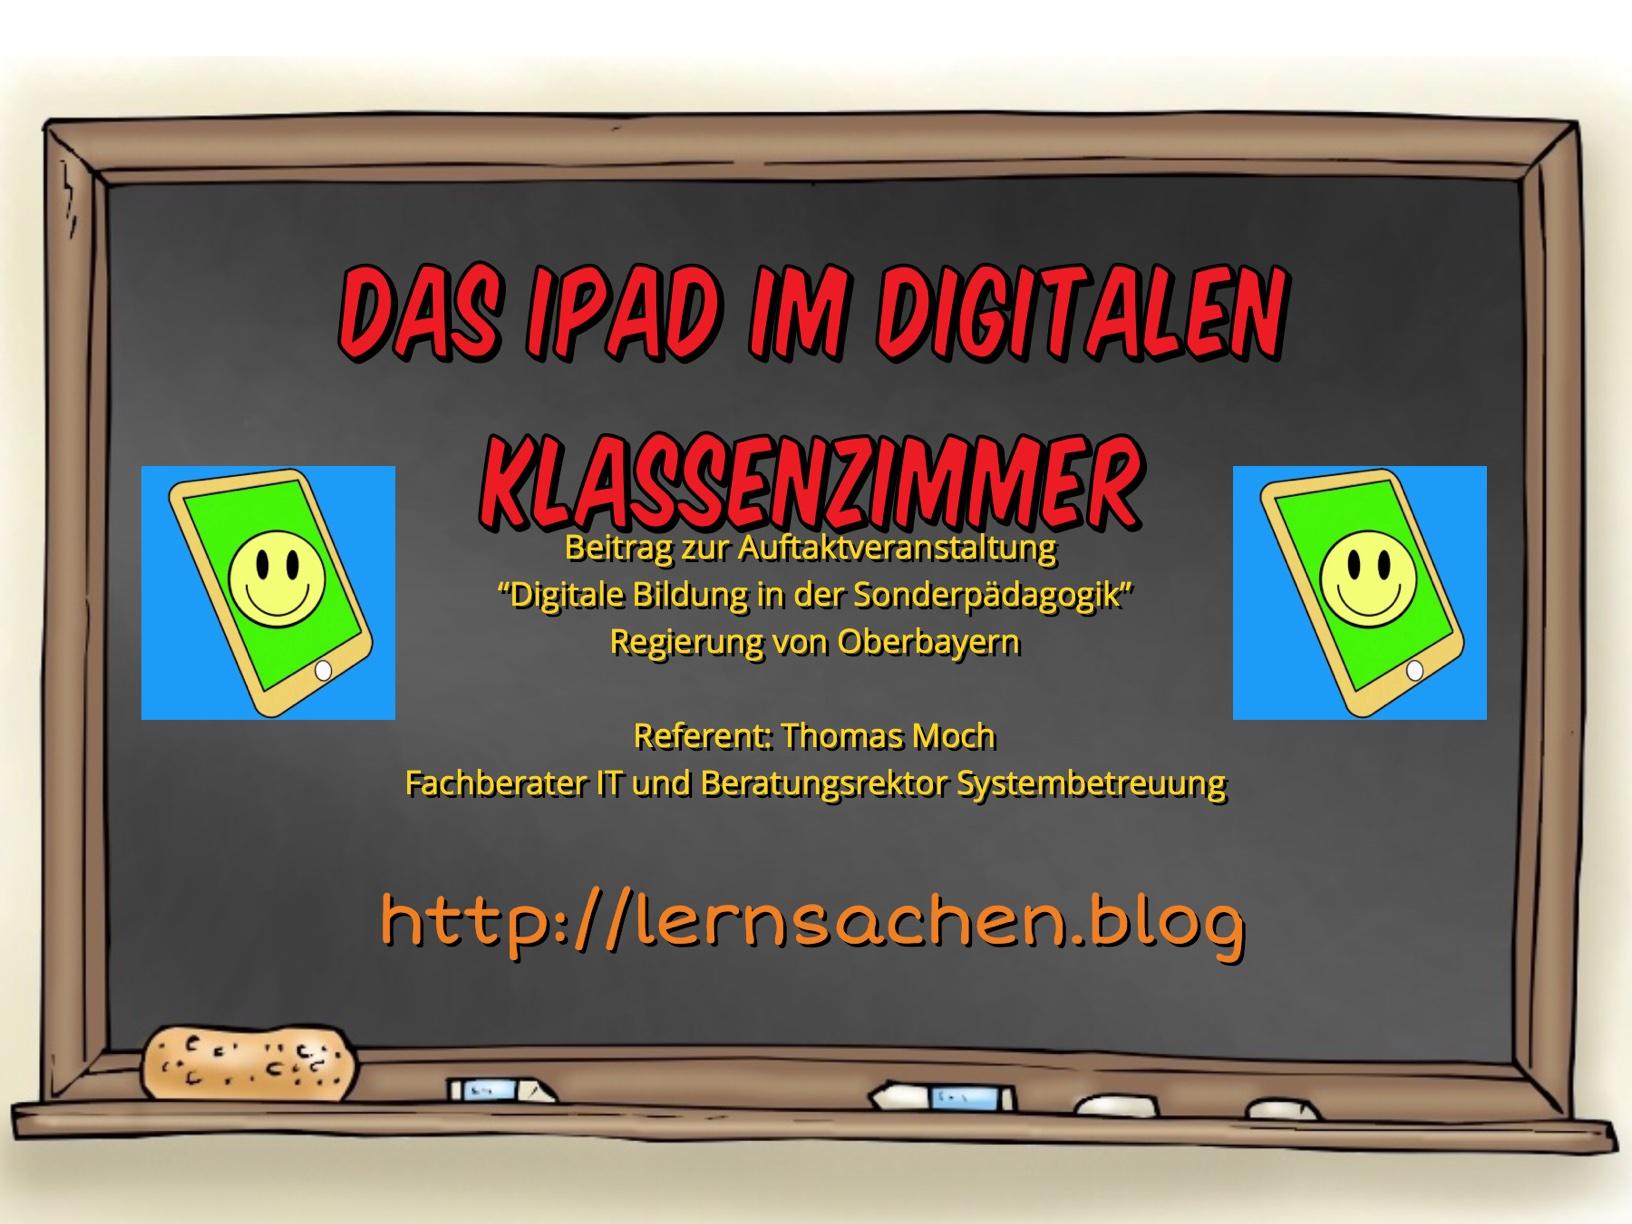 Das iPad im digitalen Klassenzimmer